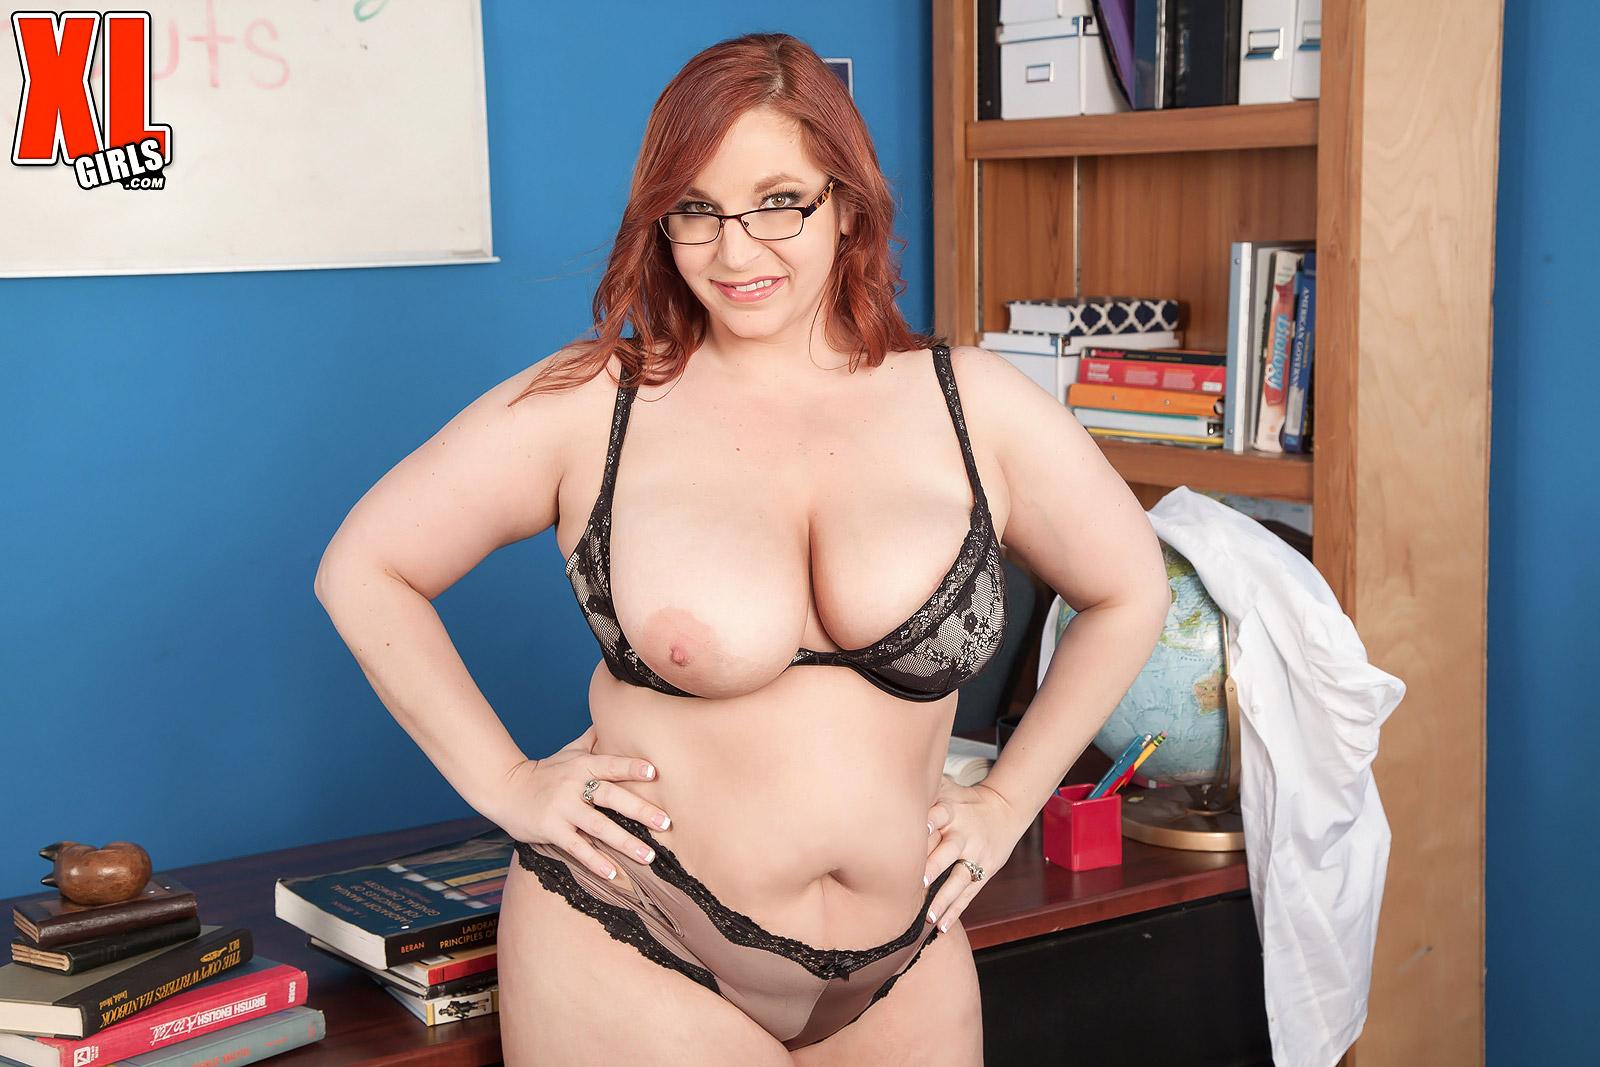 Учительница со вспышными бикини, Училки смотреть порно видео онлайн, бесплатные ролики 2 фотография